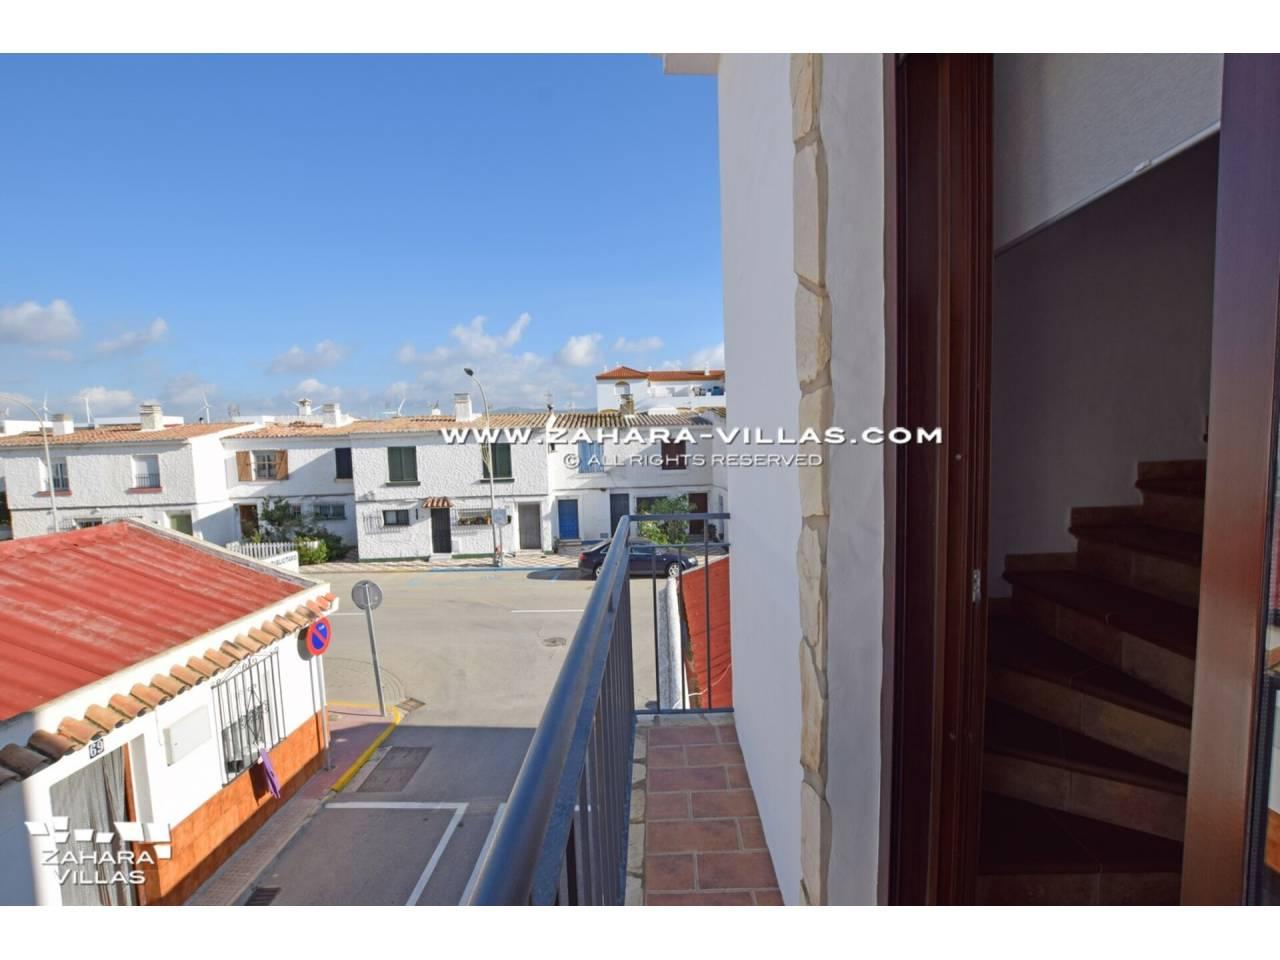 Imagen 19 de Haus zum verkauf in Zahara de los Atunes